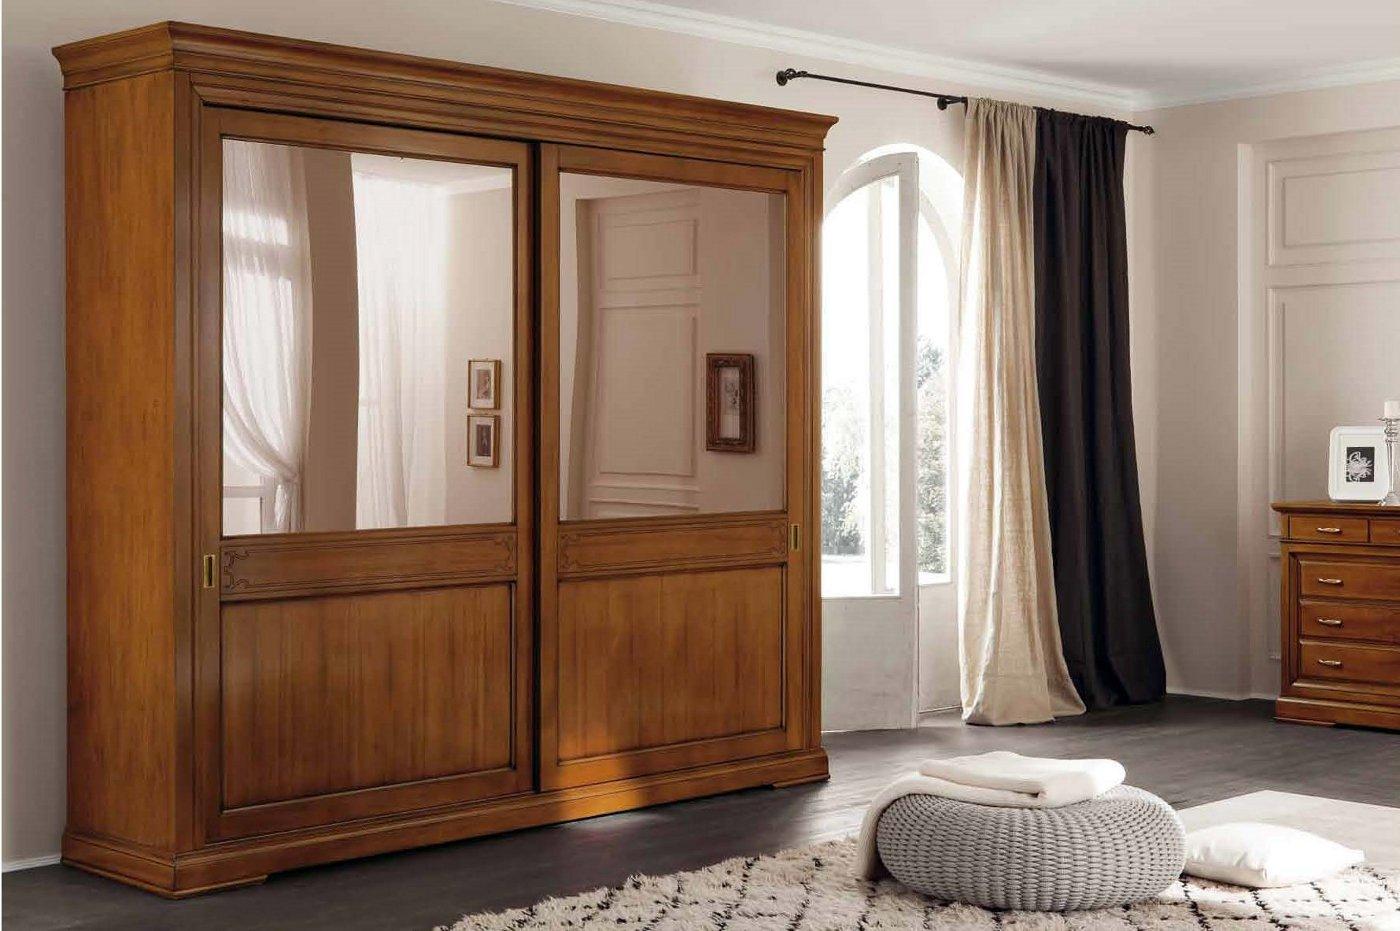 Armadio scorrevole classico mobili arredamento cucine for Armadi camere da letto prezzi